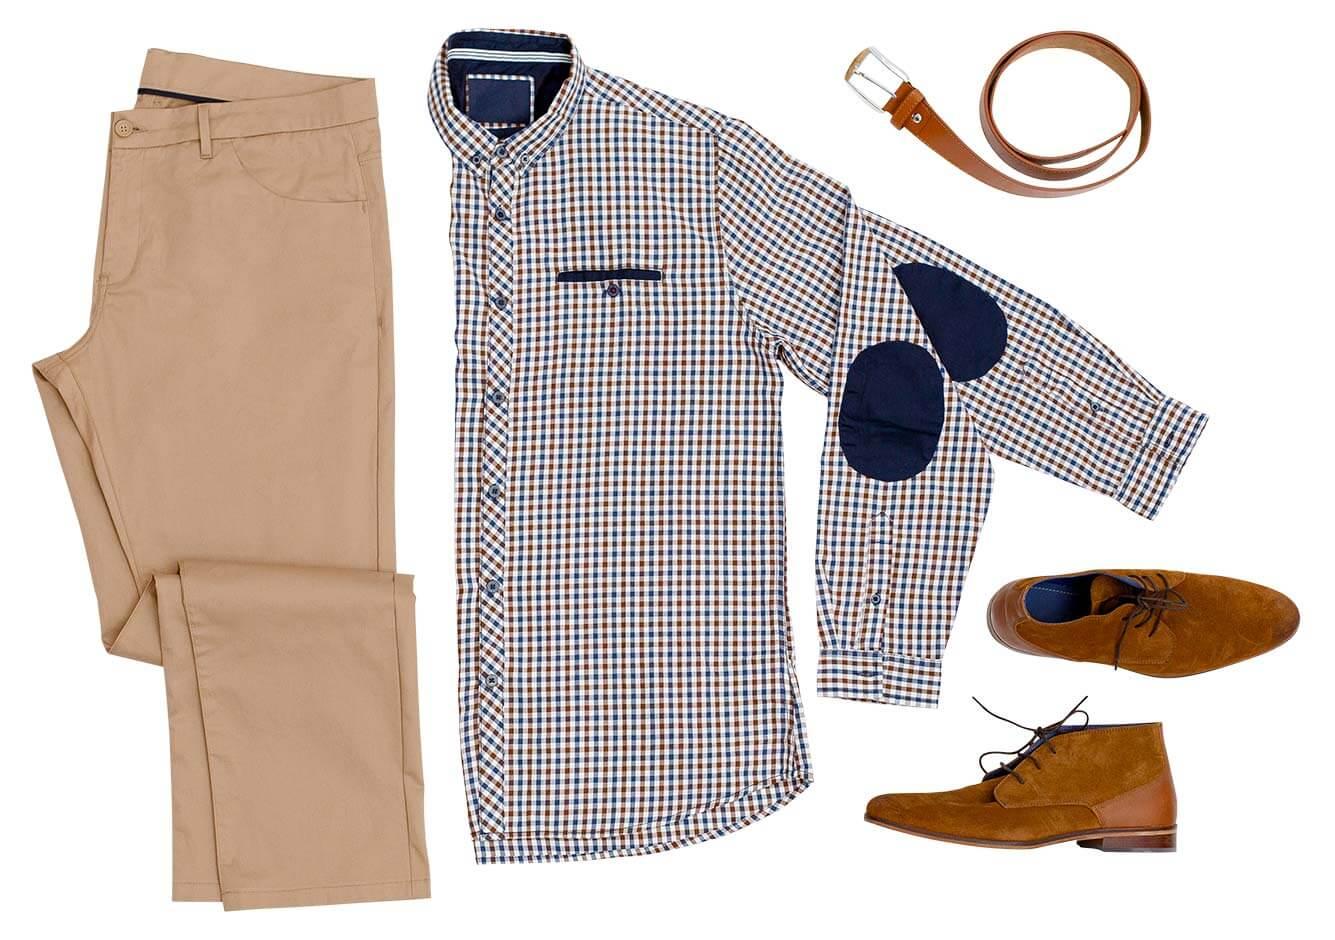 Bilder freistellen Mode, Legeware, Hemden, Hosen, Kleider, Guertel